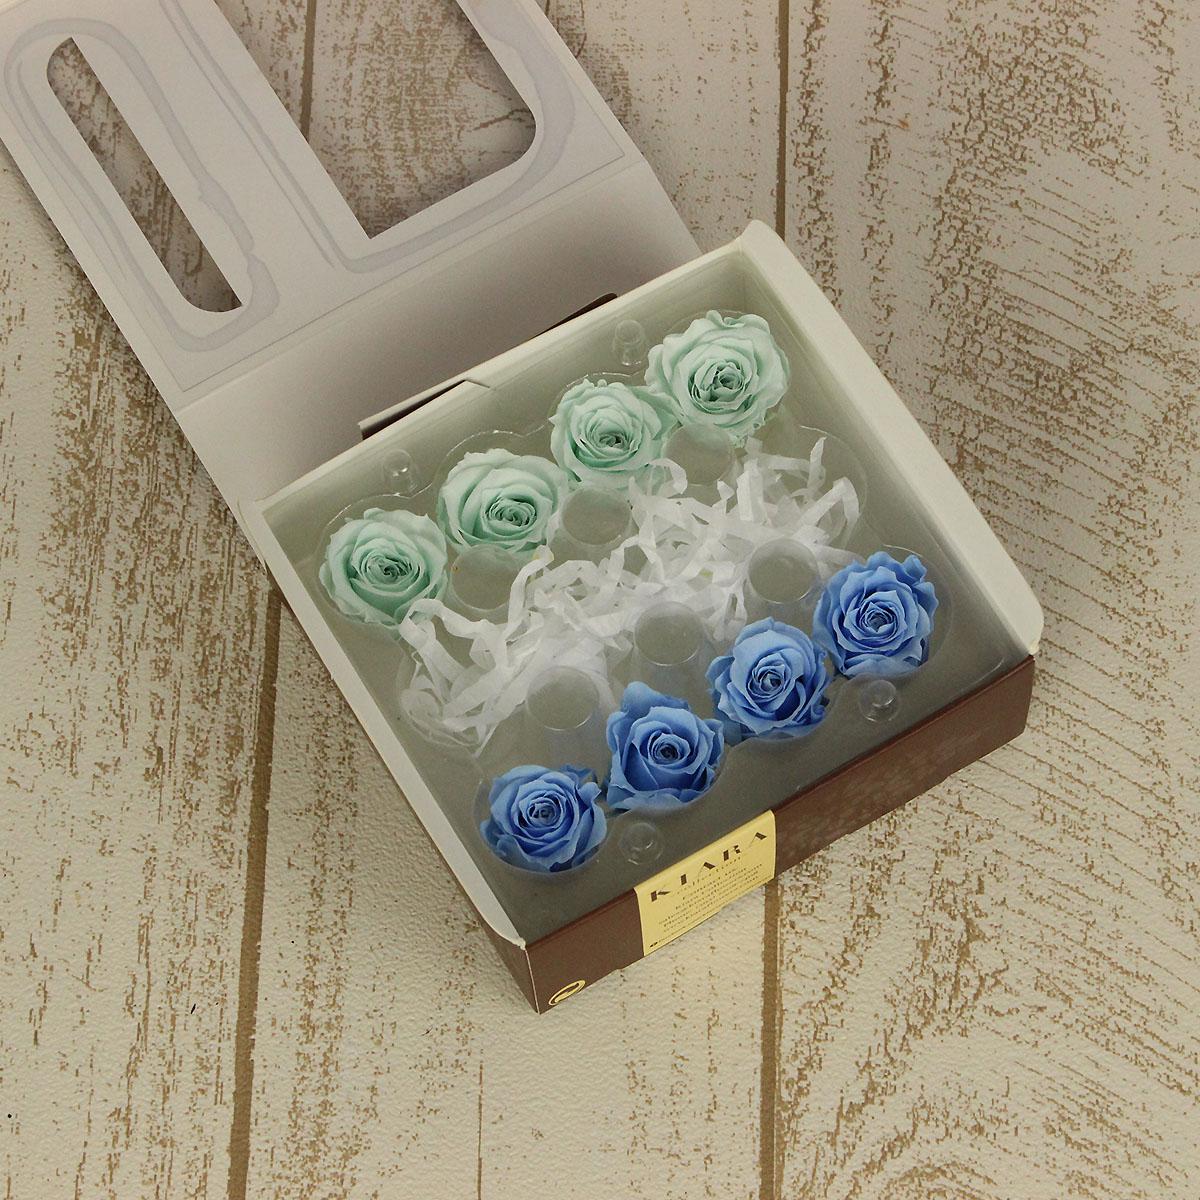 プリザーブドフラワー プリザーブドフラワー花材 バラ ローズ 手作り 材料 即日 ローズカラーアソートS 8輪 美品 KIARA PG001-53プリザーブドフラワー 人気の製品 プリザーブド ミンティグリーン×ベビーブルー